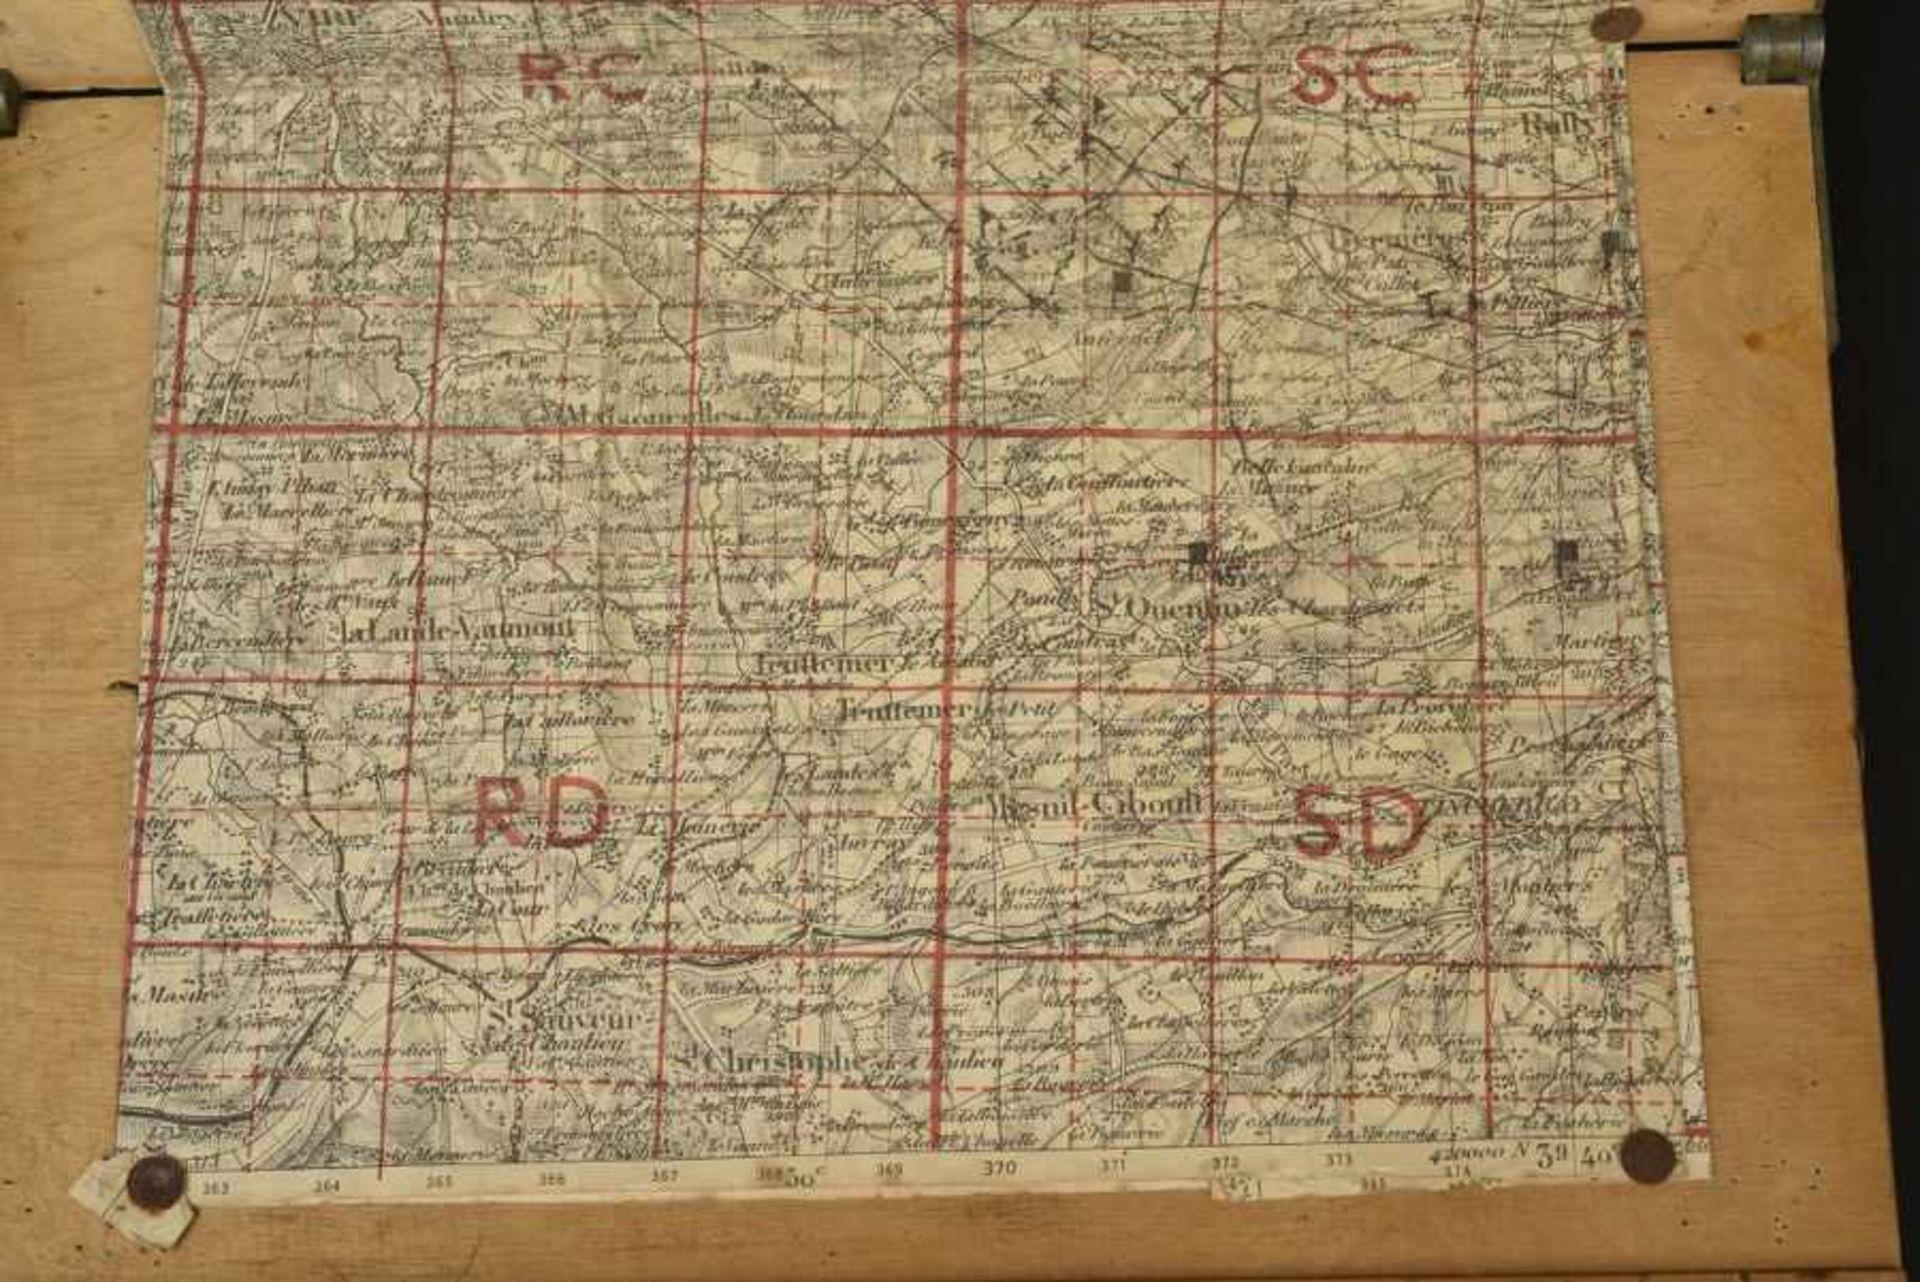 Carte d'Etat Major du secteur de Chênedollé, lieu d'un important combat de blindés entre Willy Fey - Bild 2 aus 4